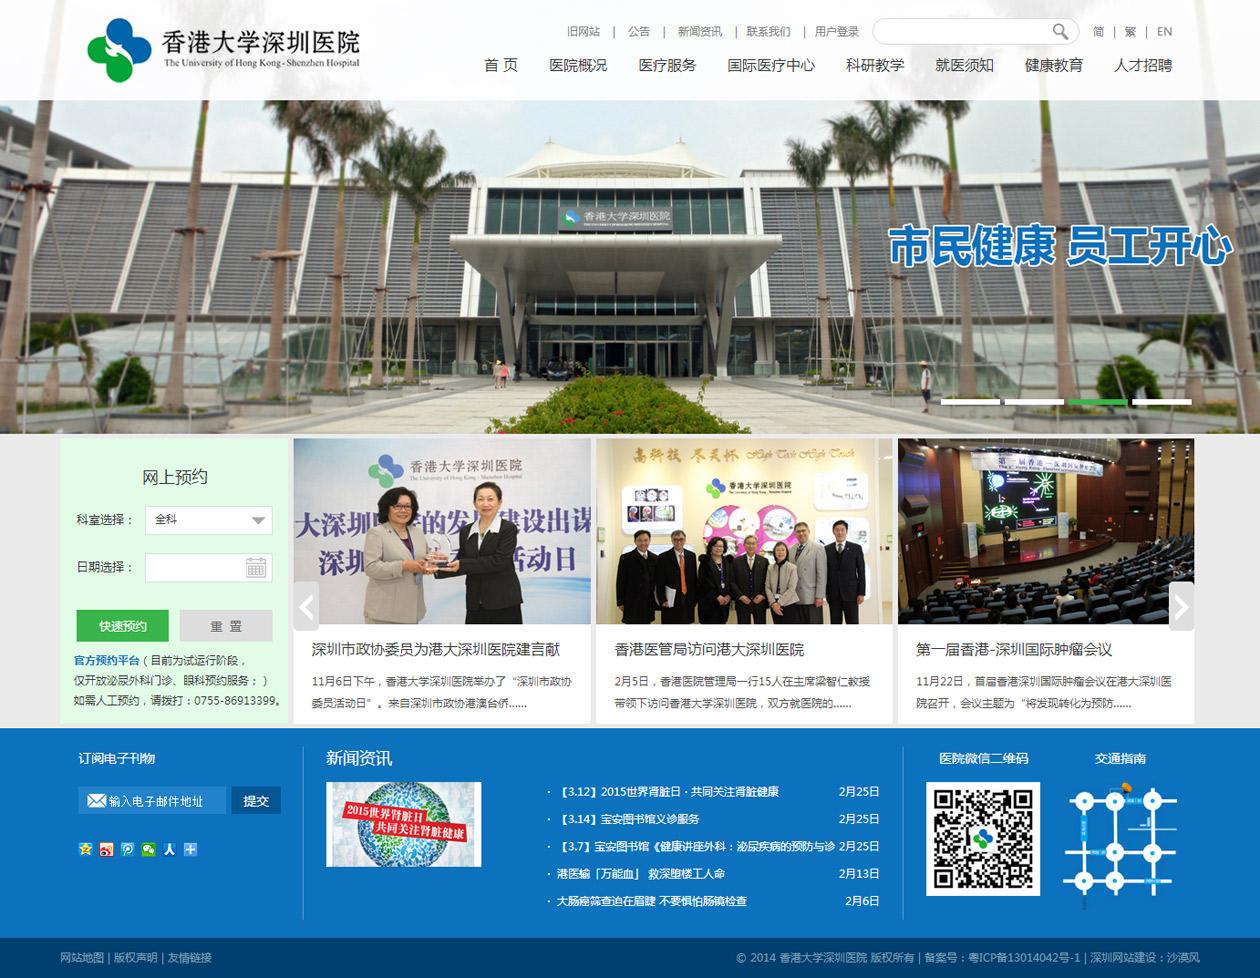 香港大学深圳医院全新网站由沙漠风独家设计制作,现网站项目图片